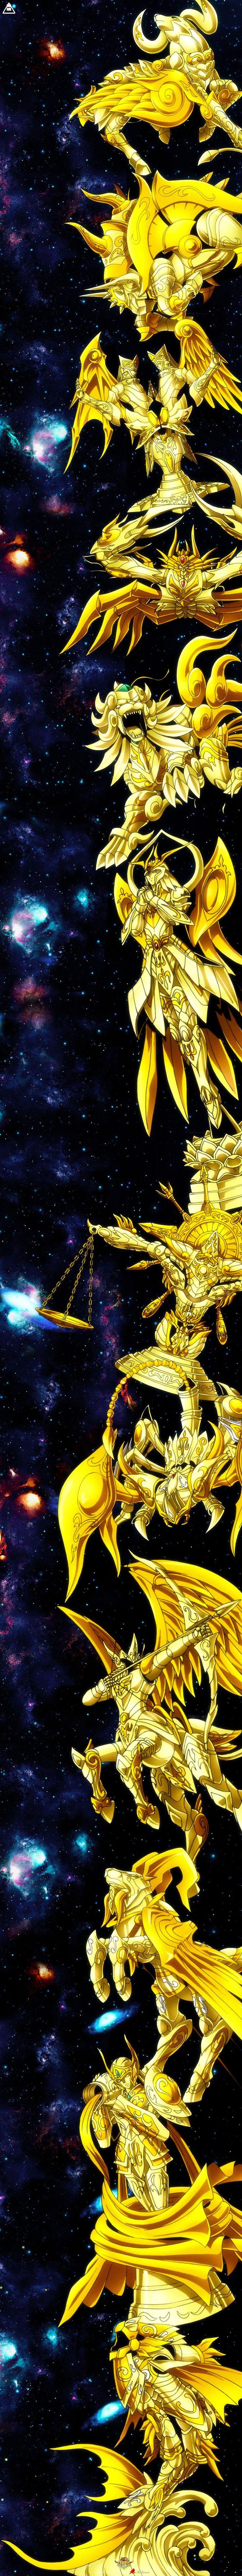 Armaduras dos Cavaleiros de Ouro